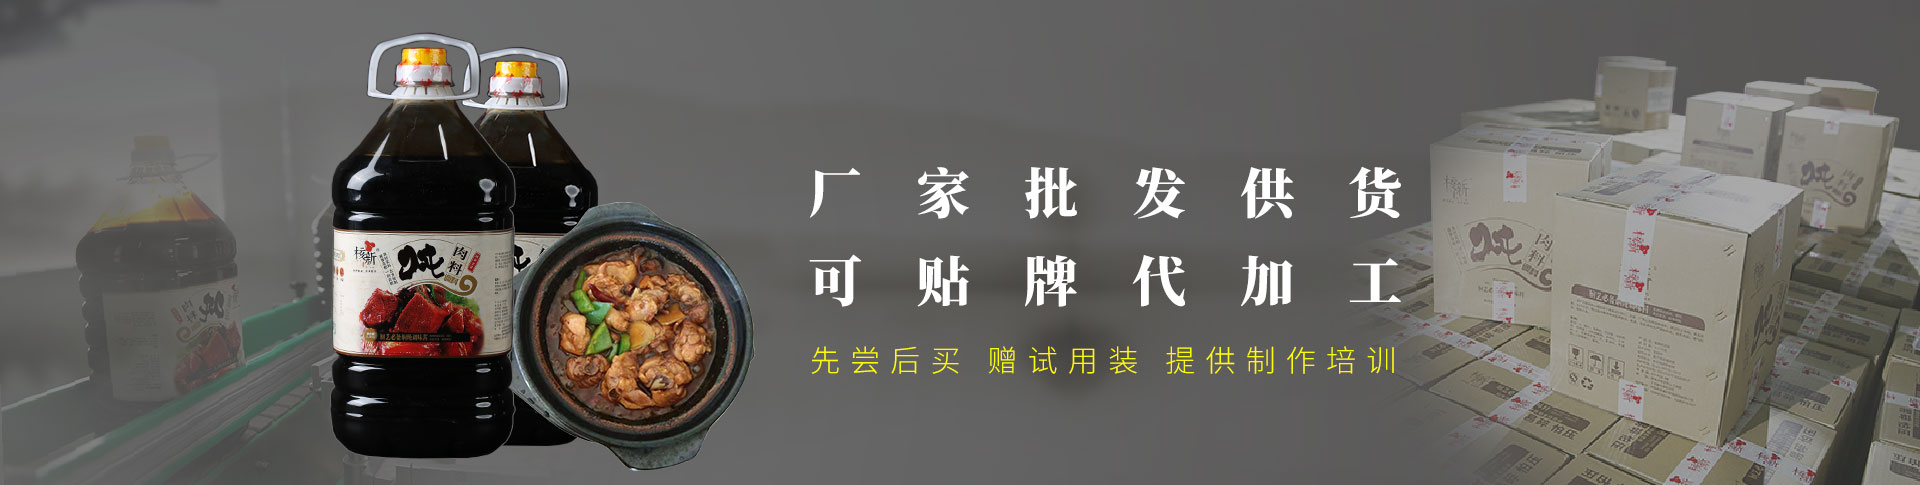 南京哪里有黄焖鸡酱料卖